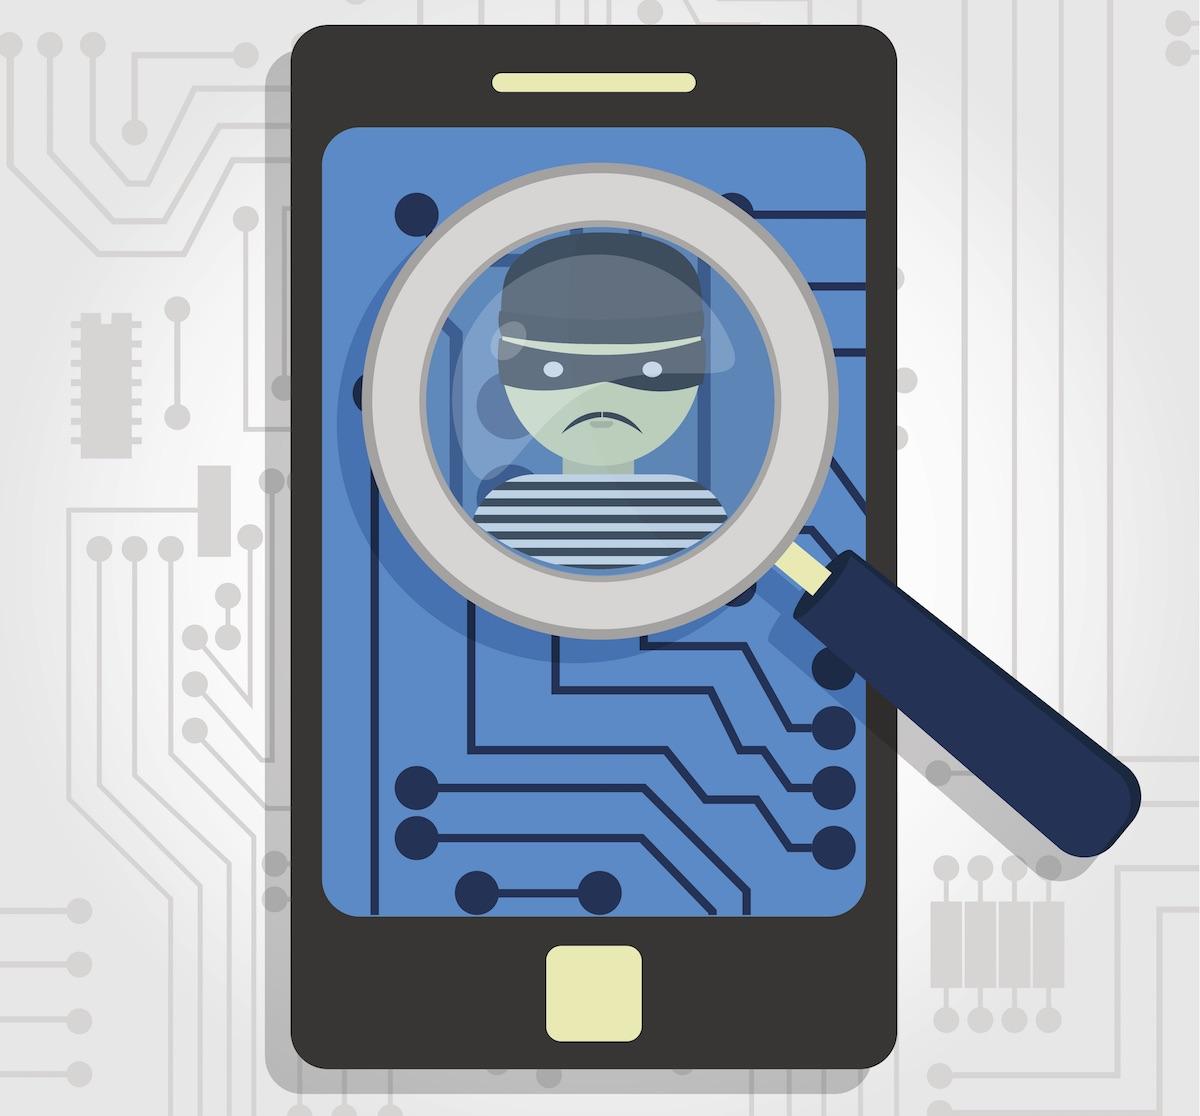 Esta app de linterna para Android puede robar tus datos bancarios